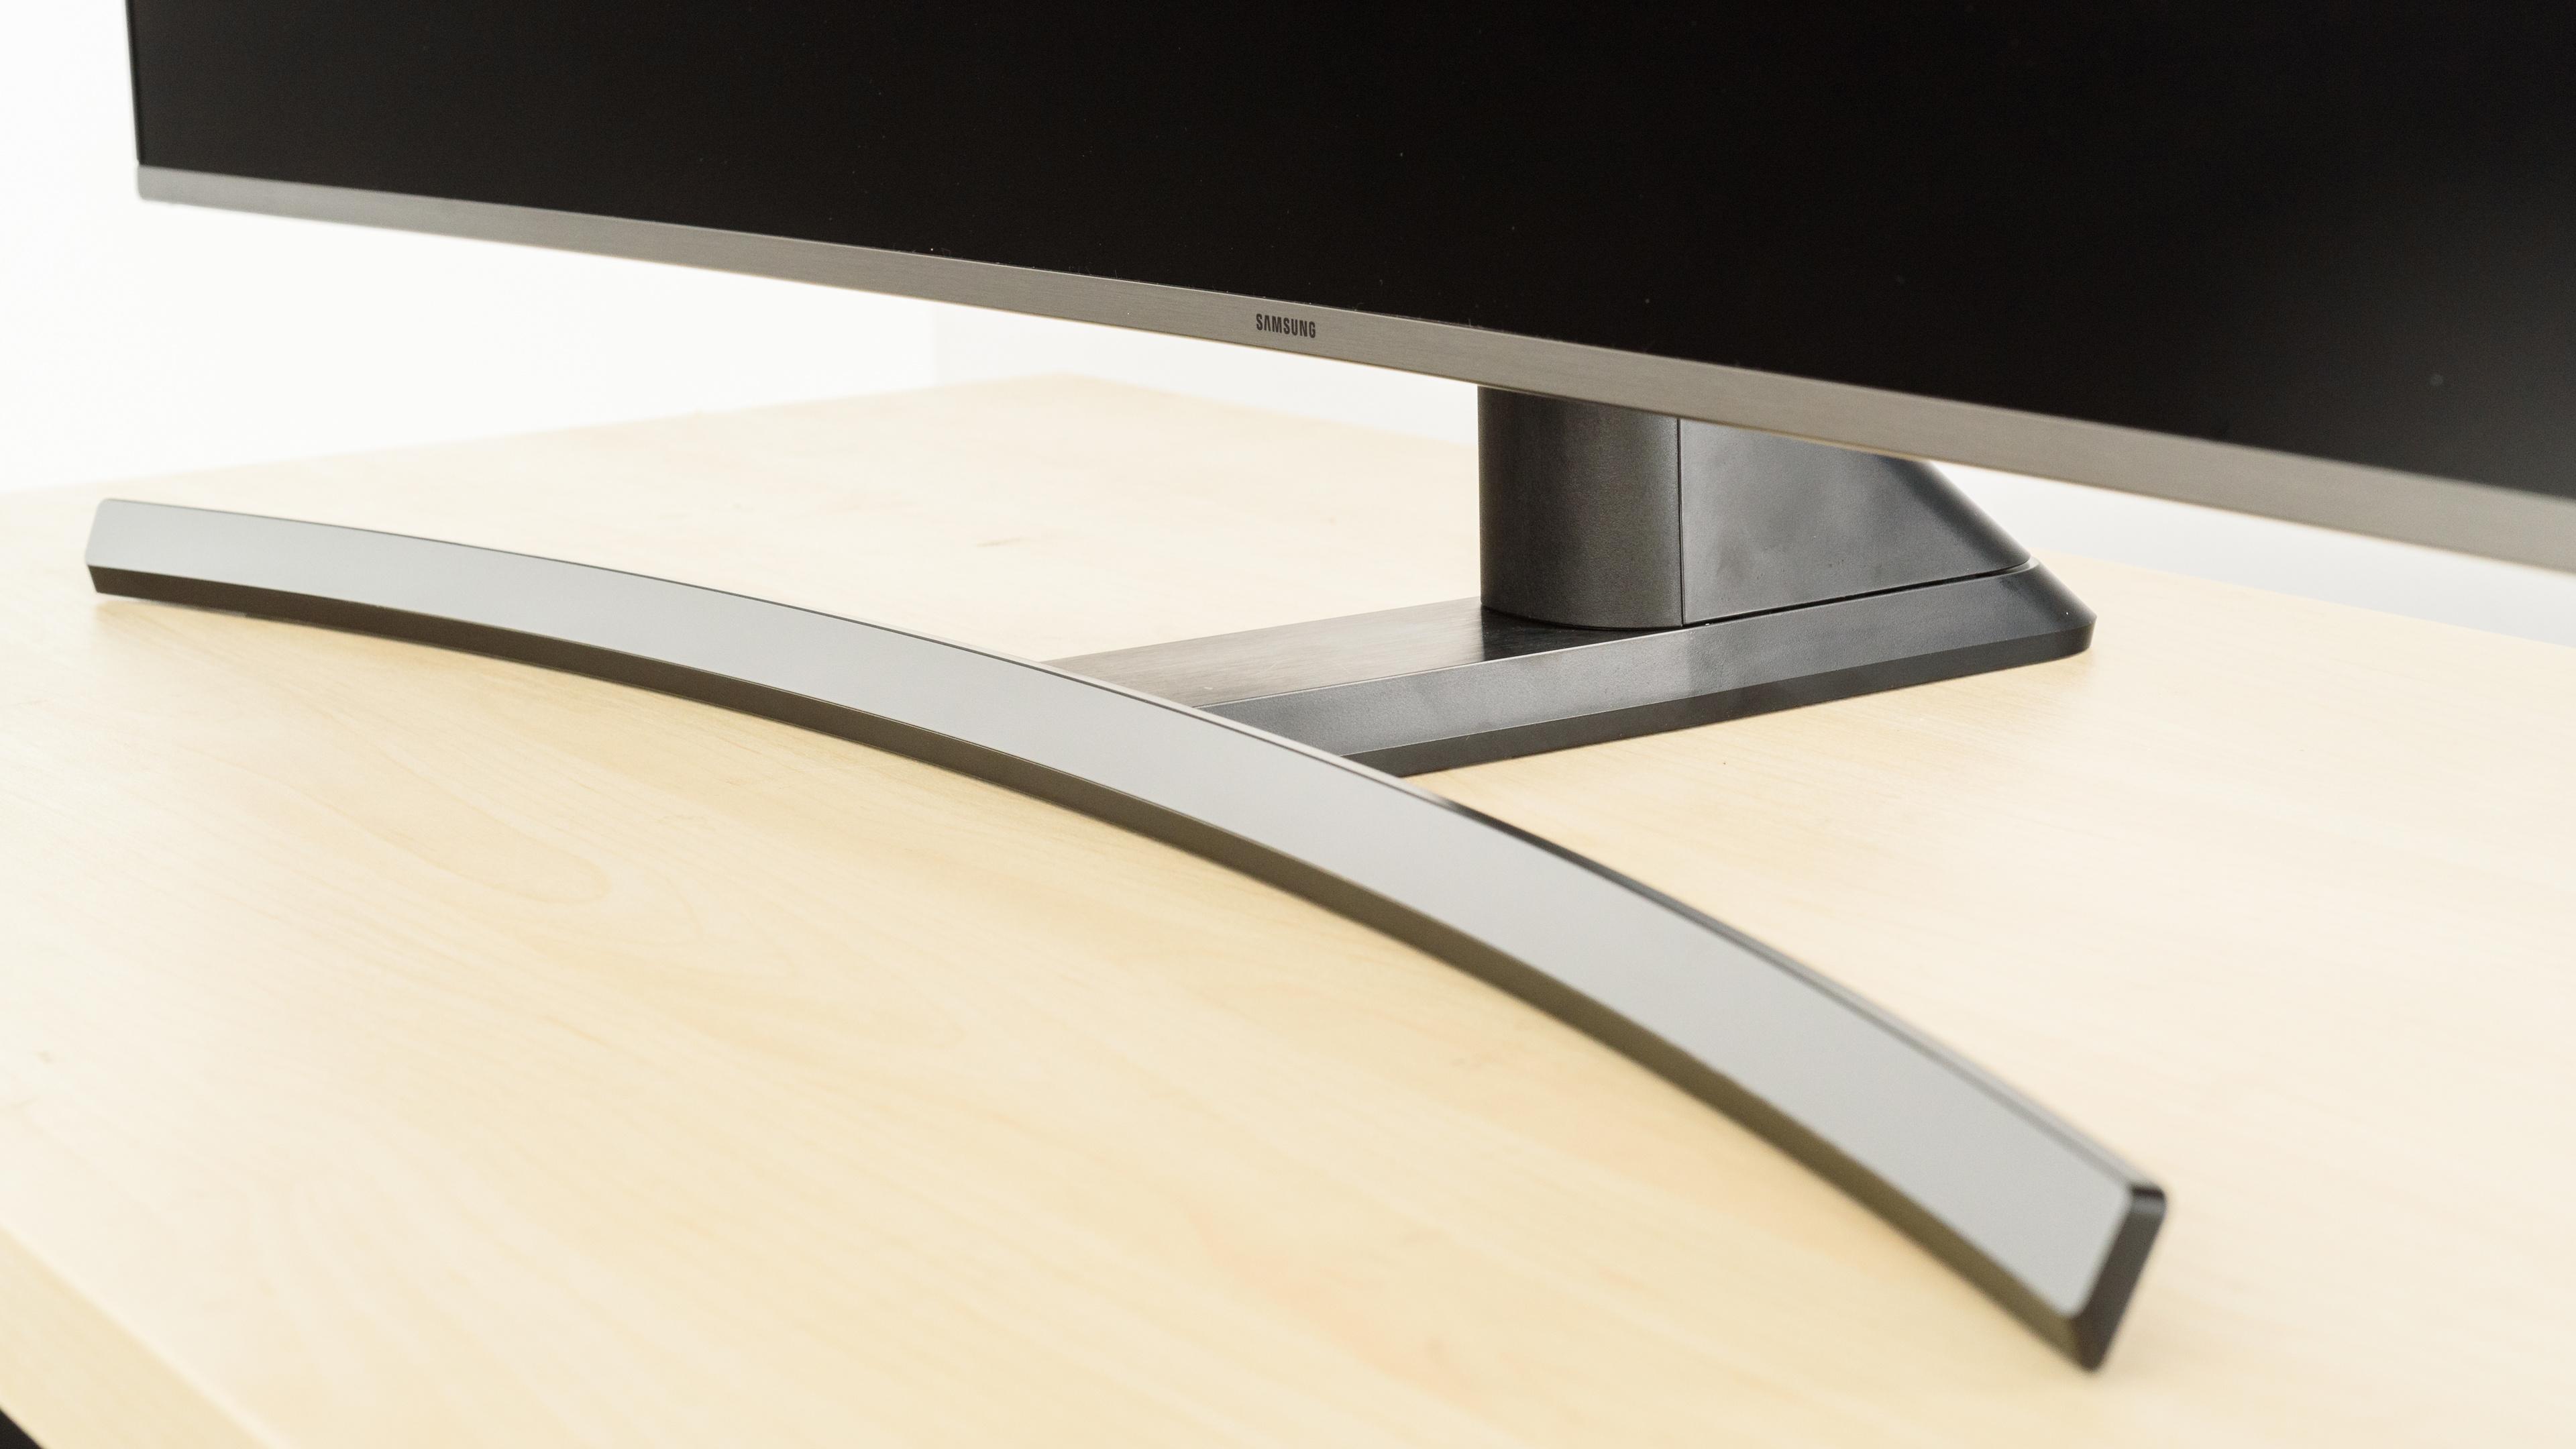 Samsung Curved Uhd Tv 65 8 Series Nu8500